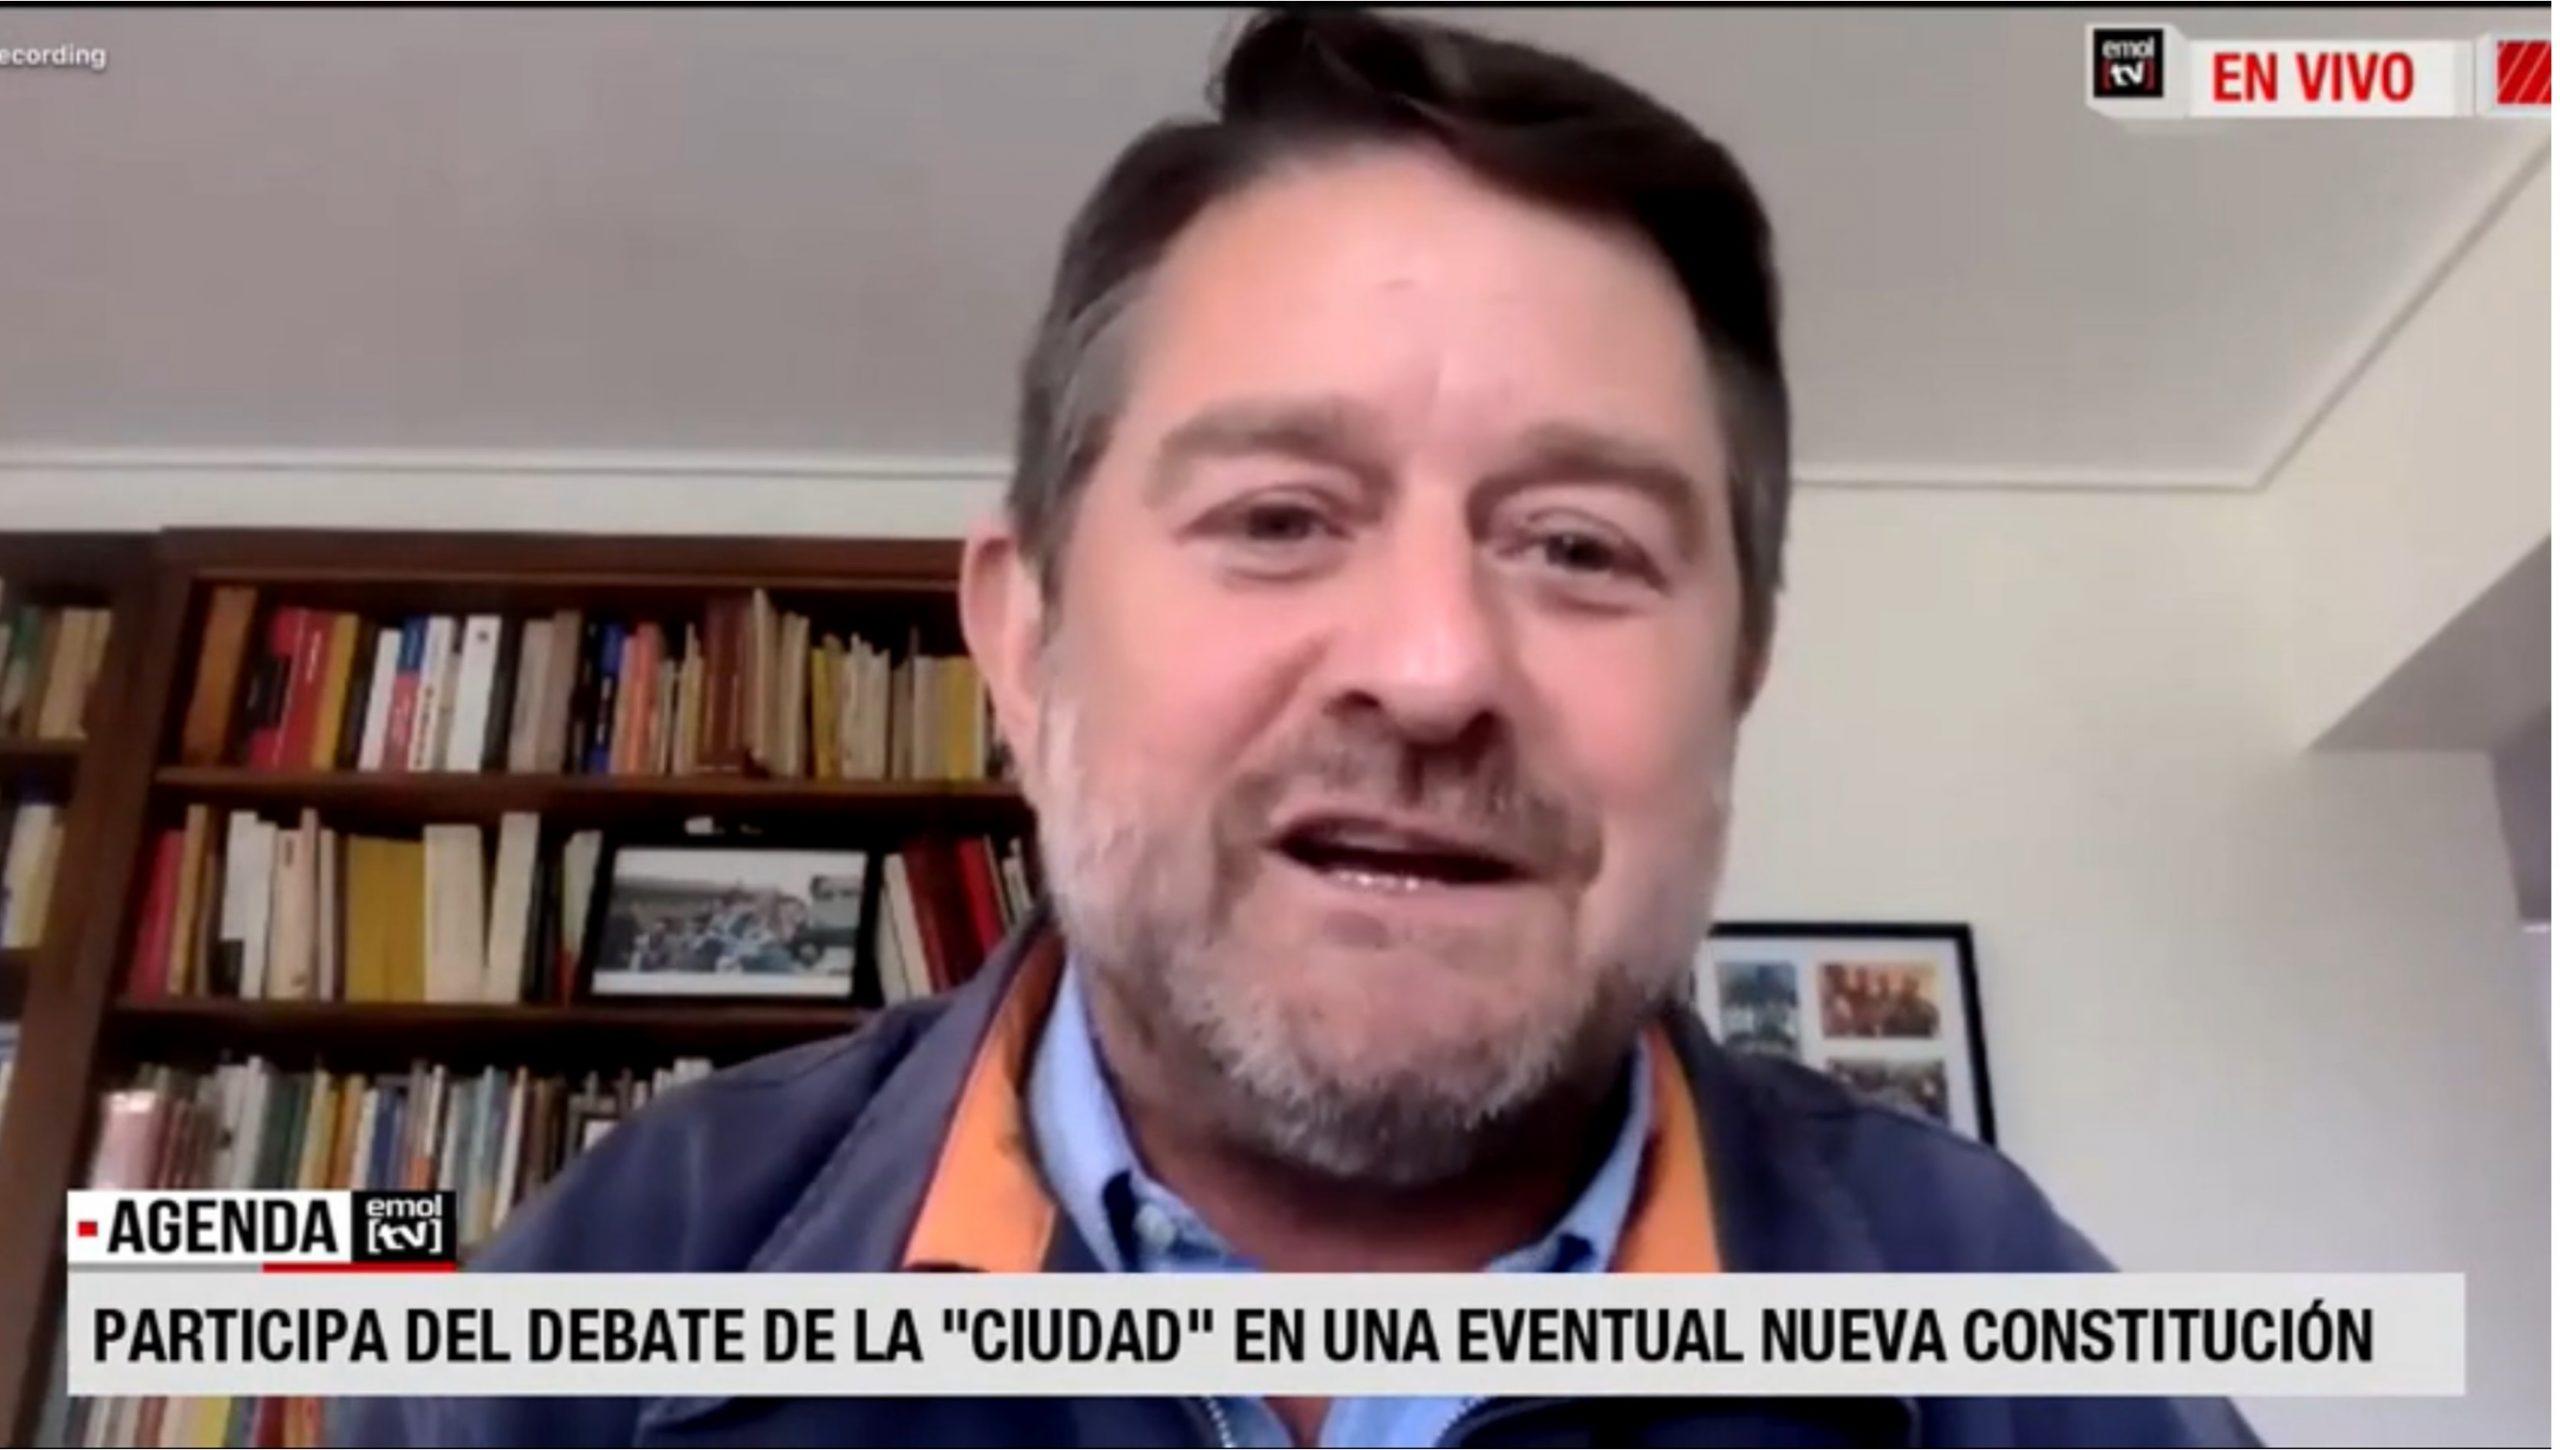 EMOL TV: ¿Cómo incluir los temas de ciudad en una eventual nueva Constitución?